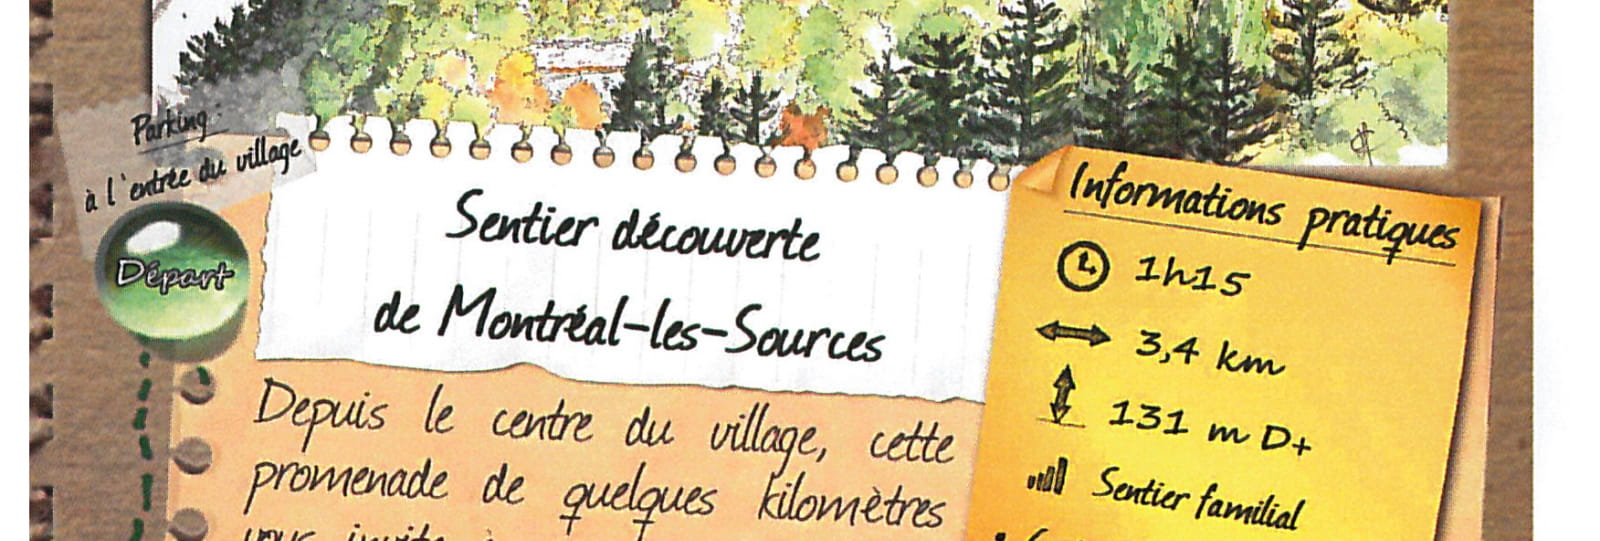 Sentier découverte de Montréal les Sources